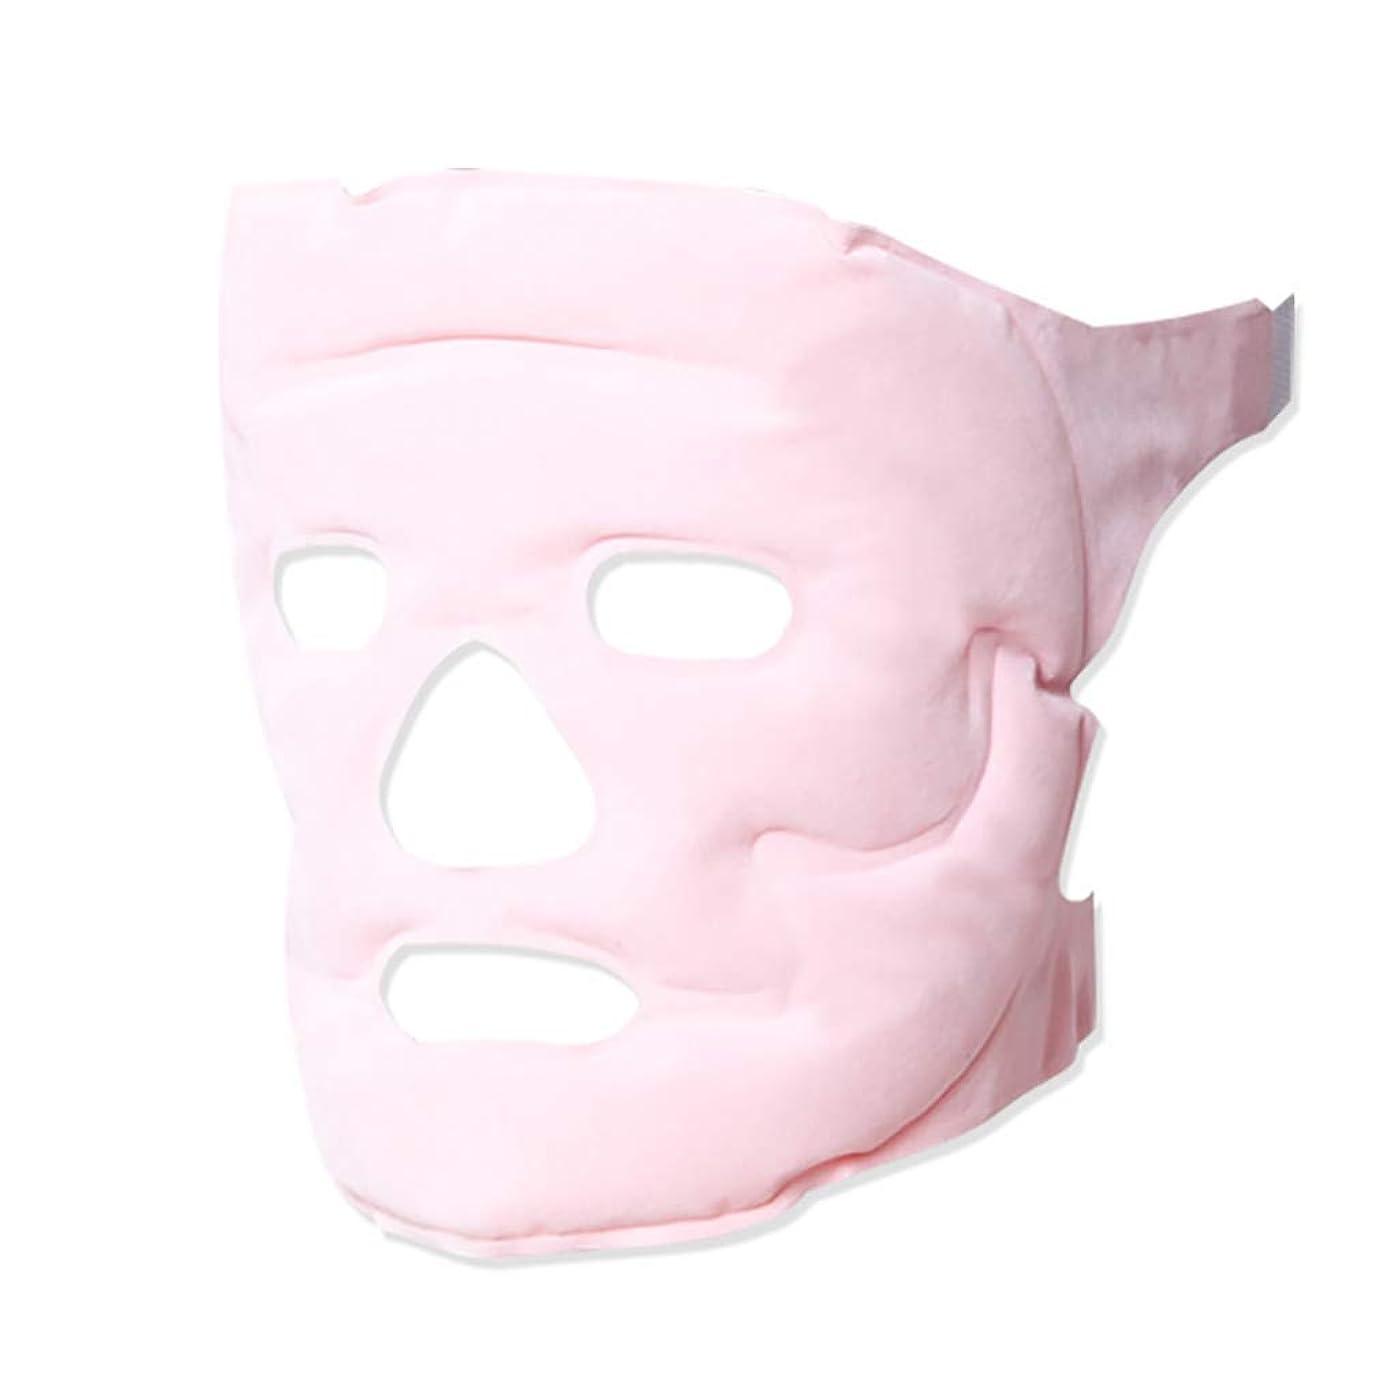 ヒント思い出させる容疑者vフェイスマスク睡眠薄い顔で美容マスク磁気療法リフティングフェイシャル引き締め判決パターン包帯アーティファクトピンク